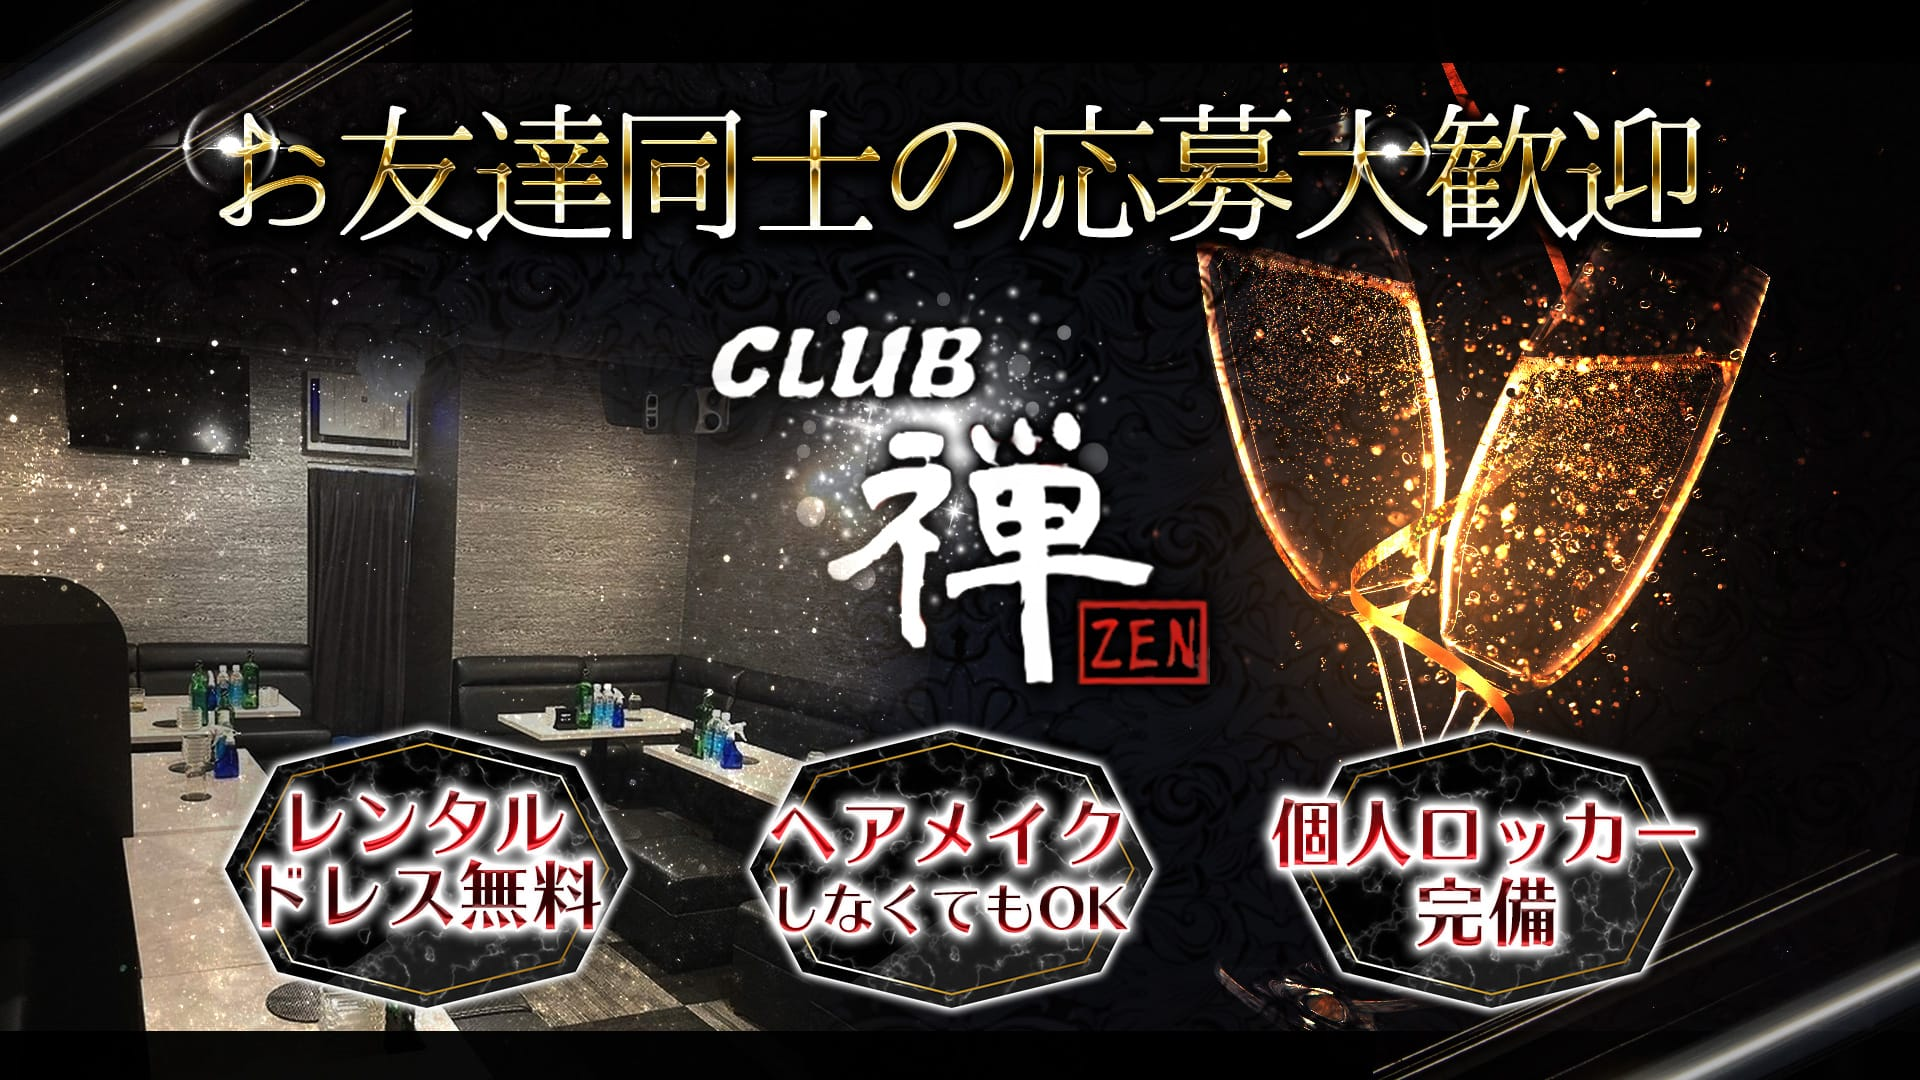 【小岩】CLUB禅(ゼン)【公式求人・体入情報】 西船橋キャバクラ TOP画像